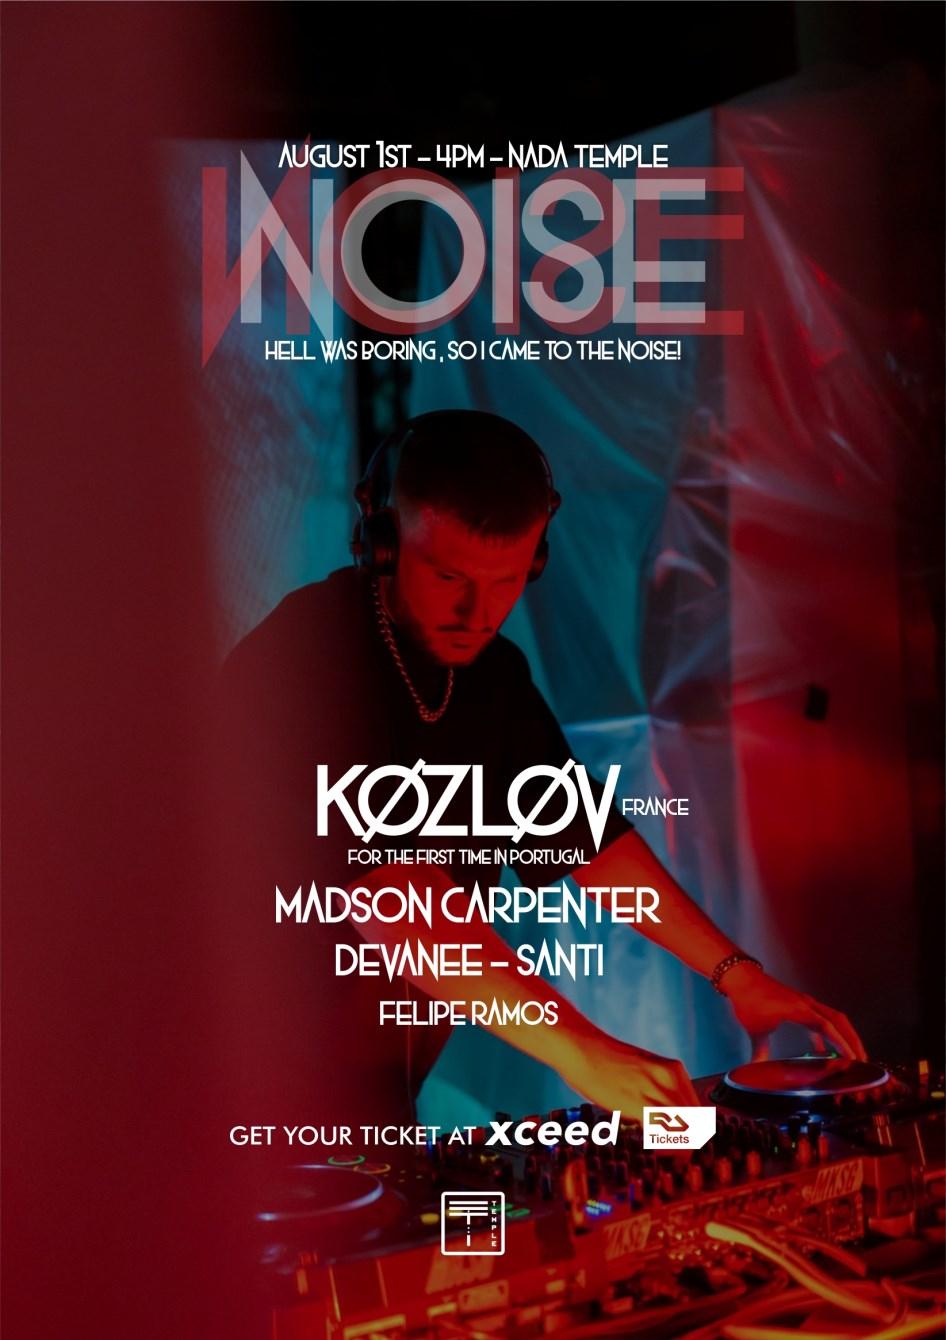 Noise W/ KØZLØV - Flyer front